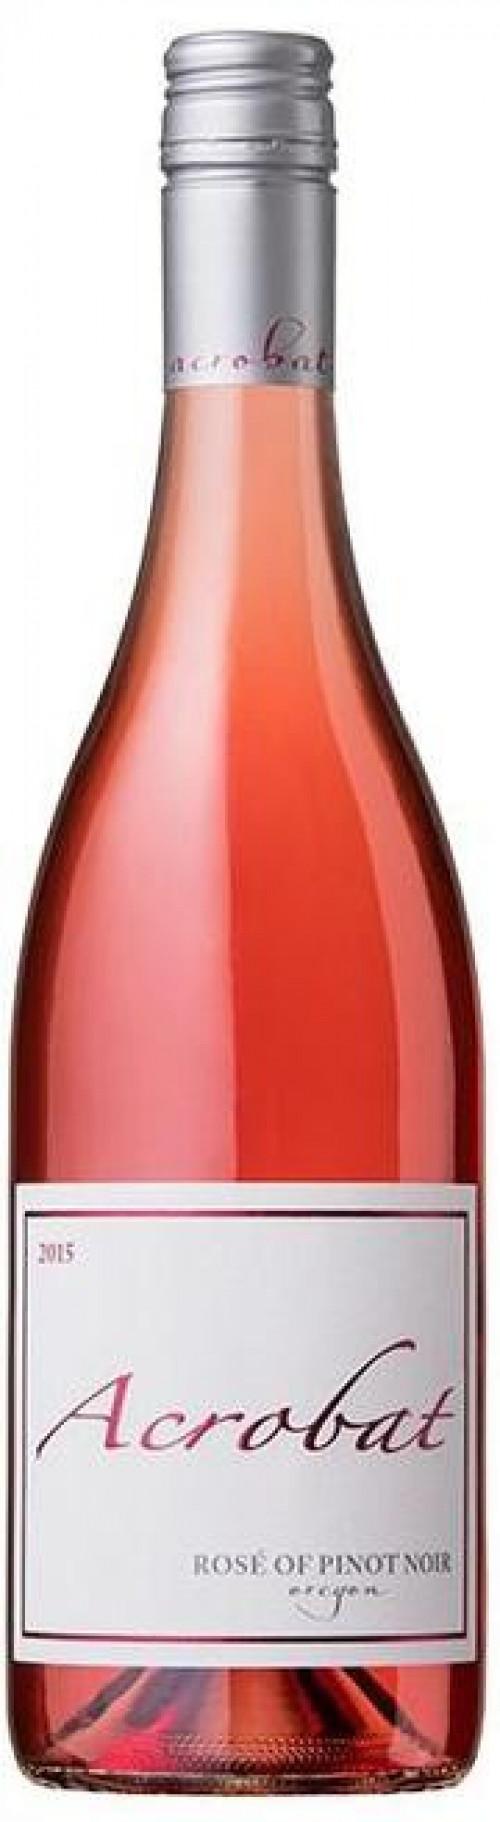 Acrobat Pinot Noir Rose 750ml